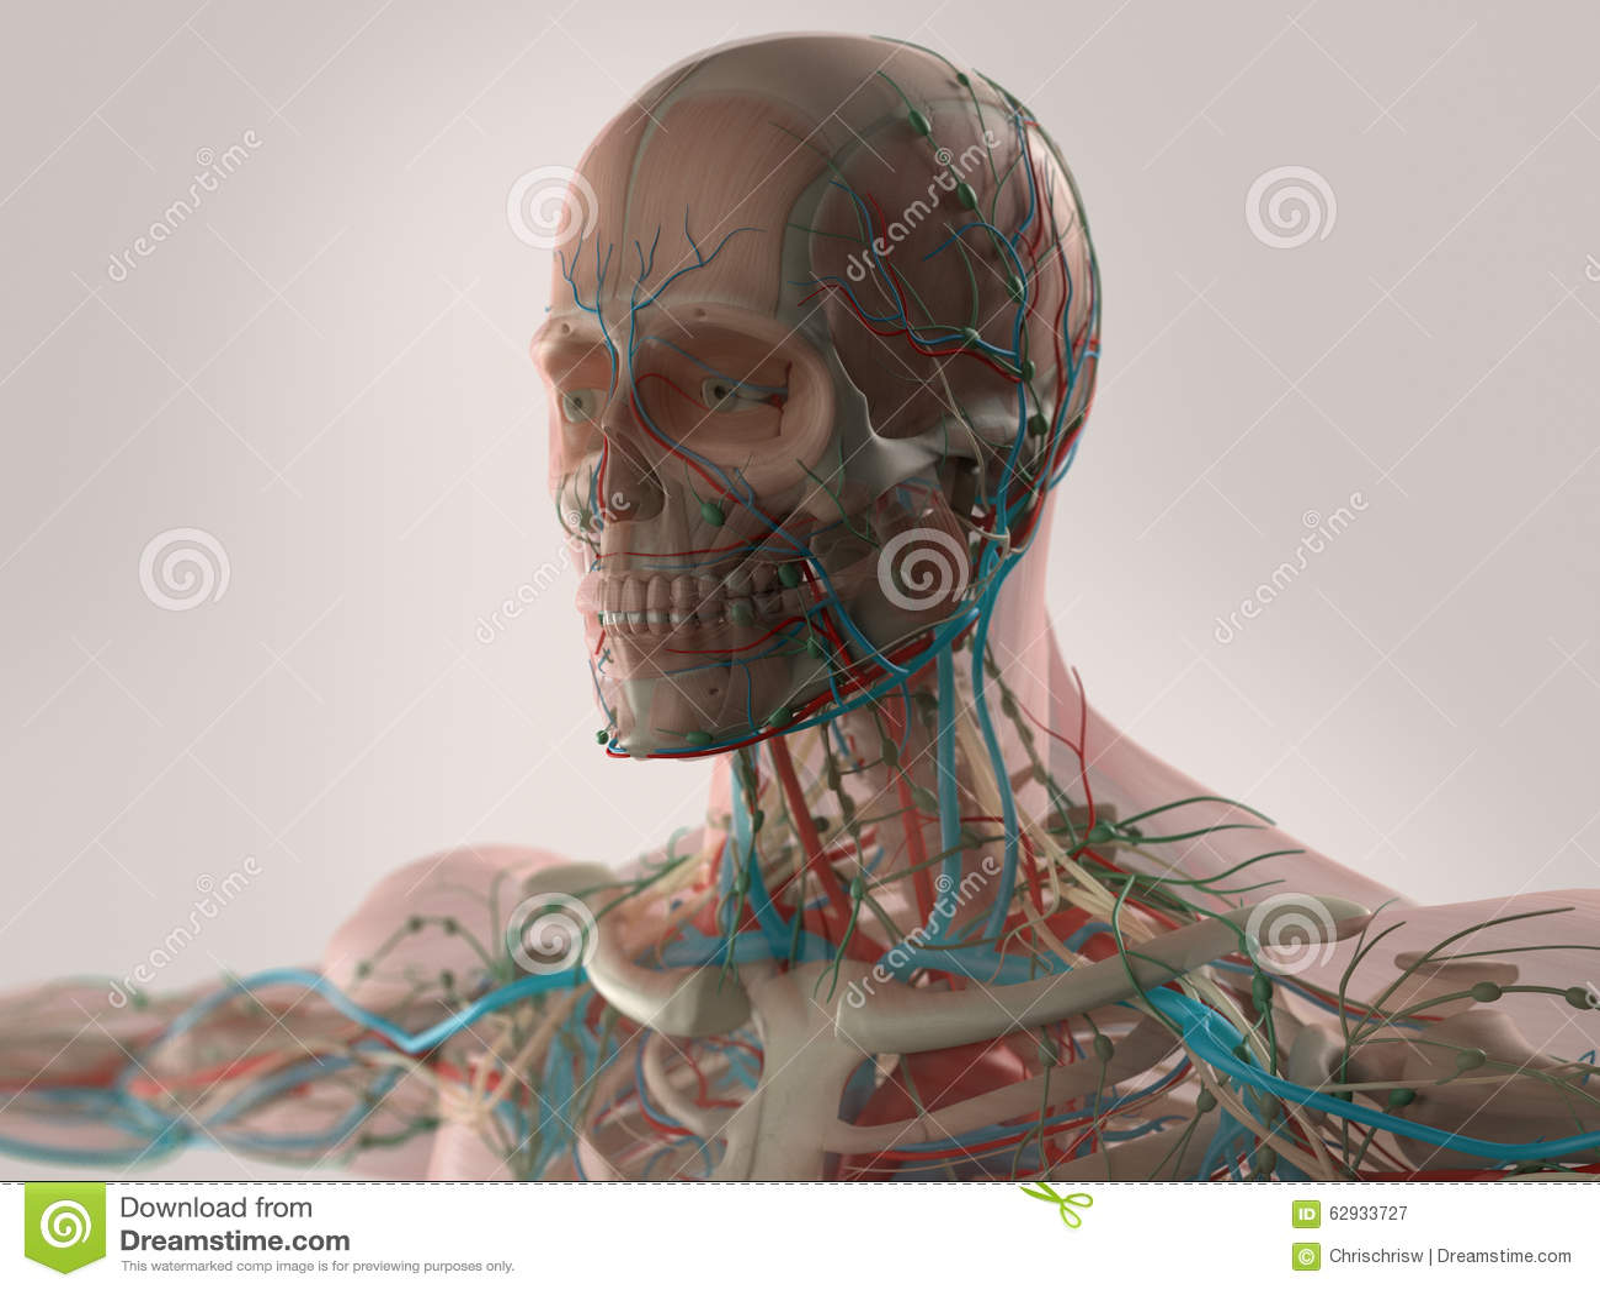 Anatomía Humana Que Muestra La Cara, La Cabeza, Hombros Y El Pecho ...